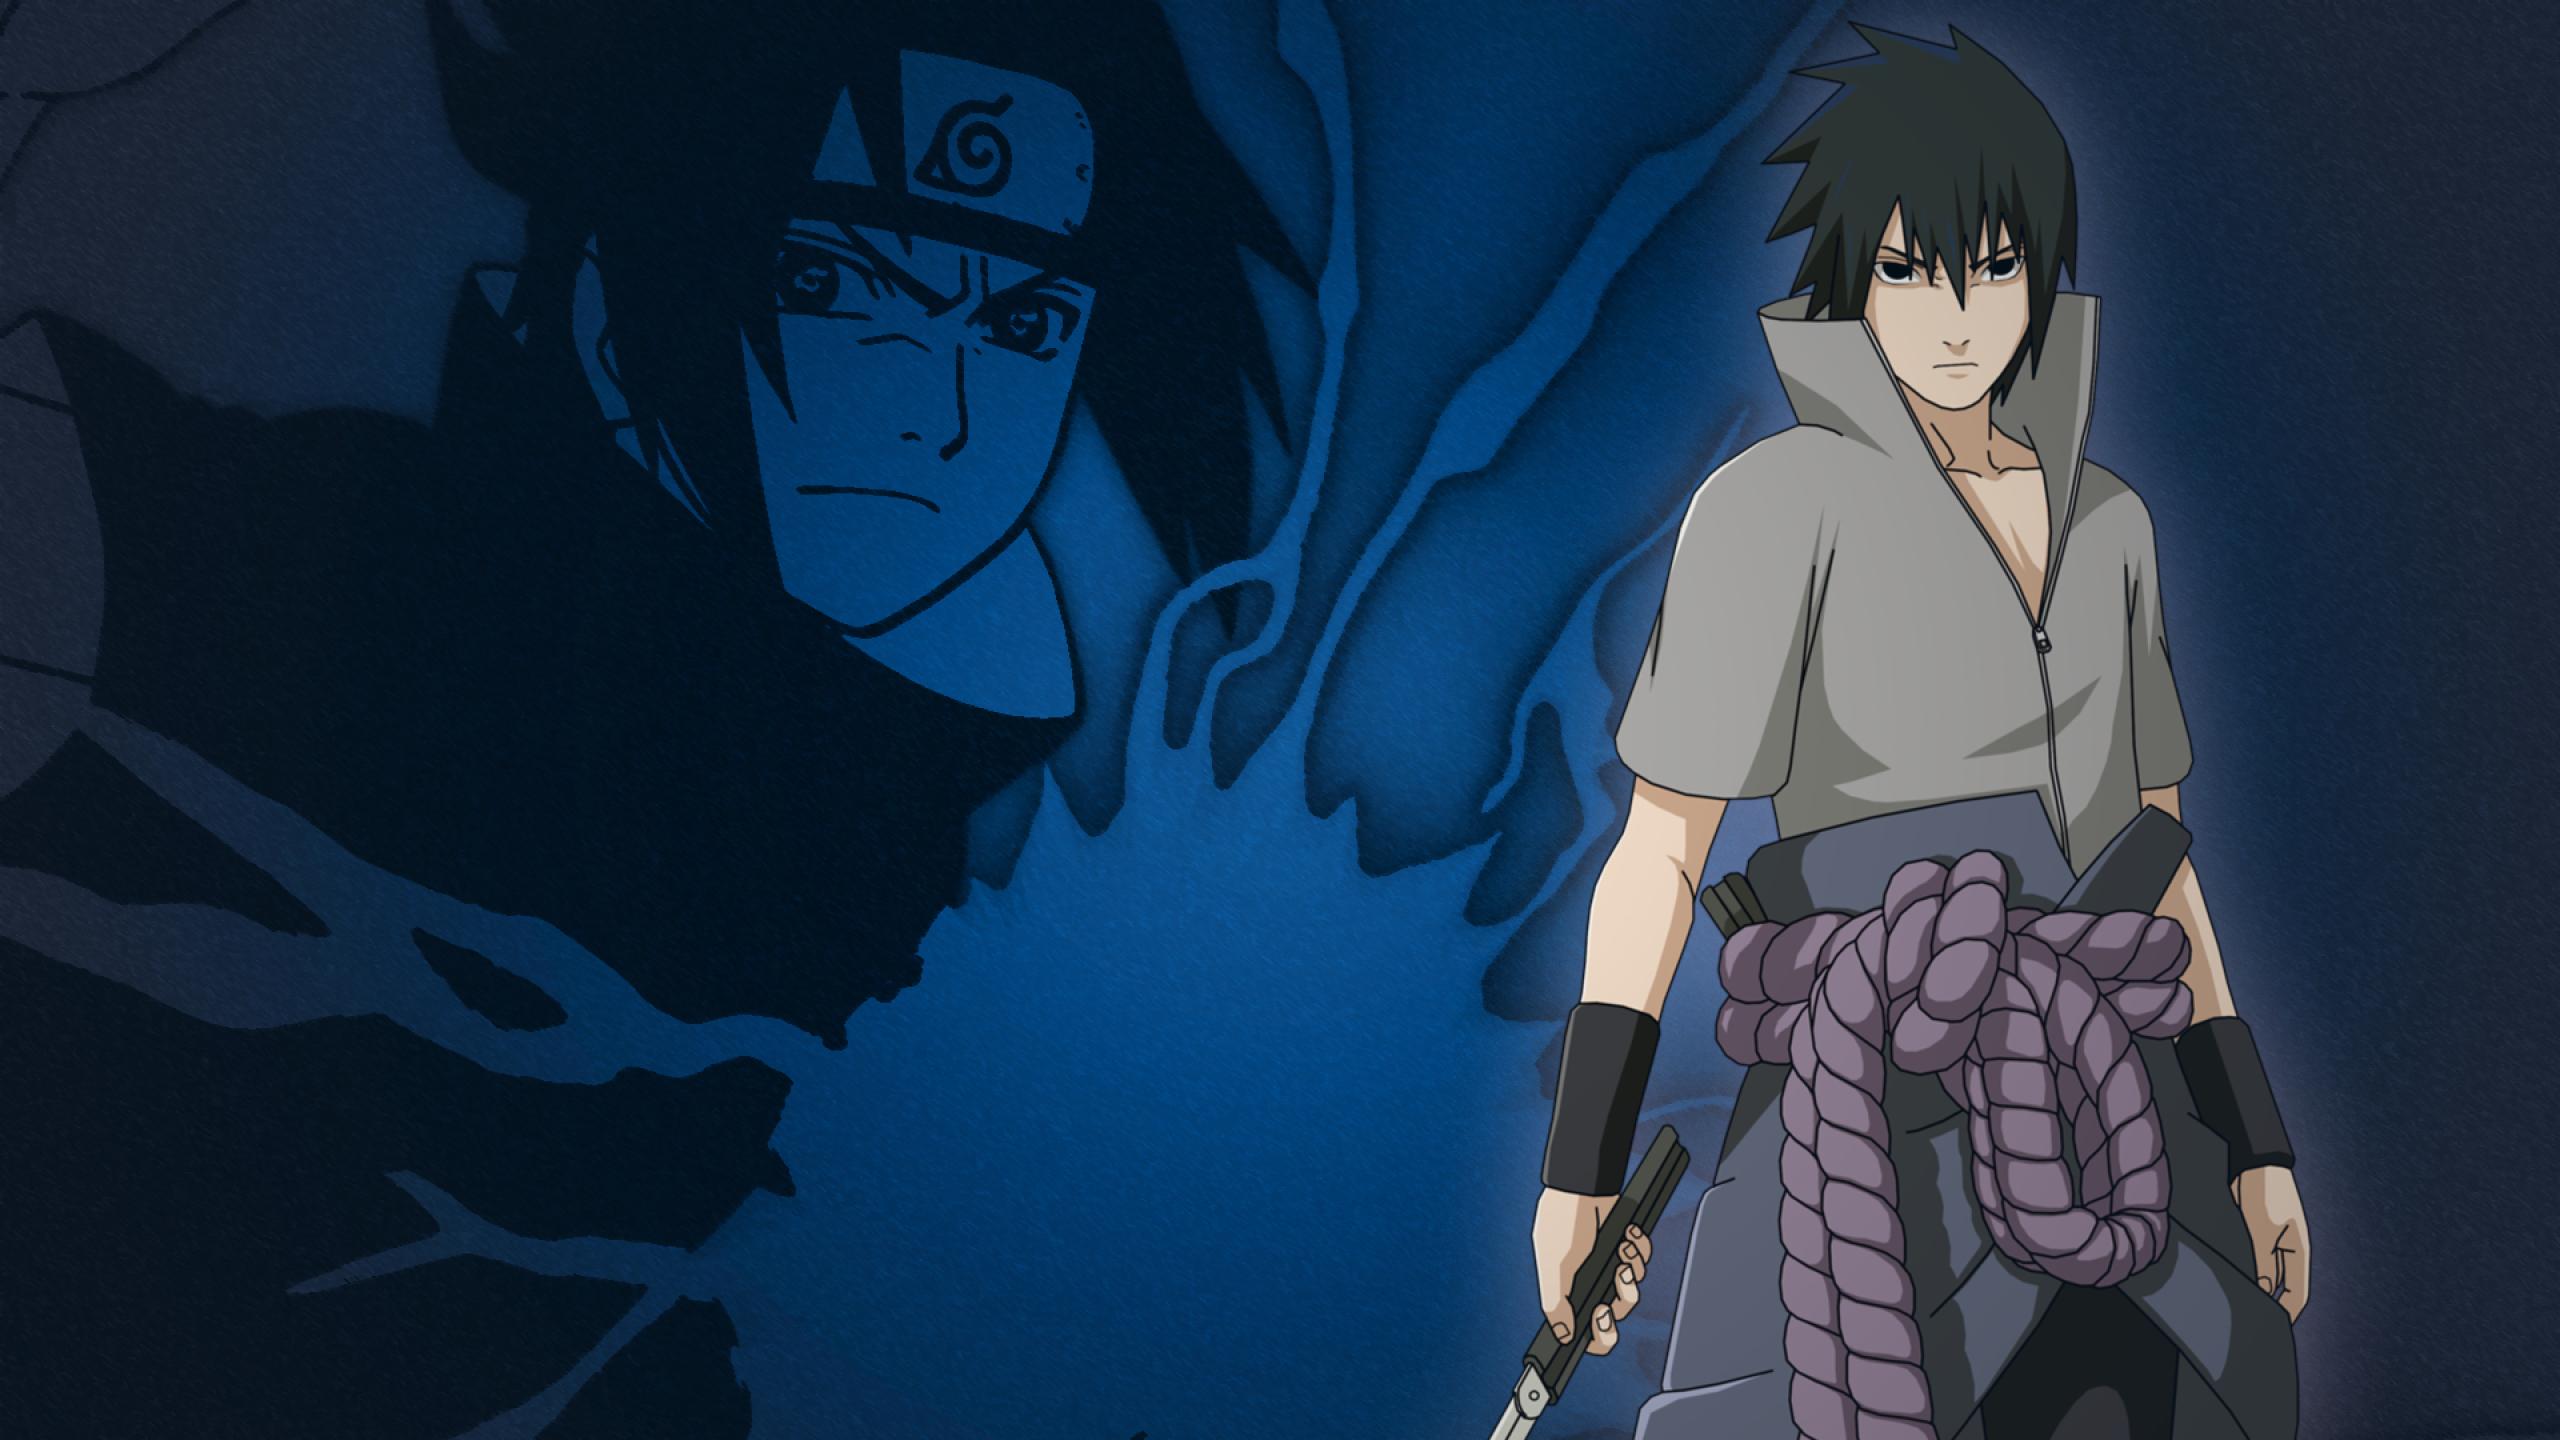 2560x1440 Sasuke Uchiha Naruto Anime 1440p Resolution Wallpaper